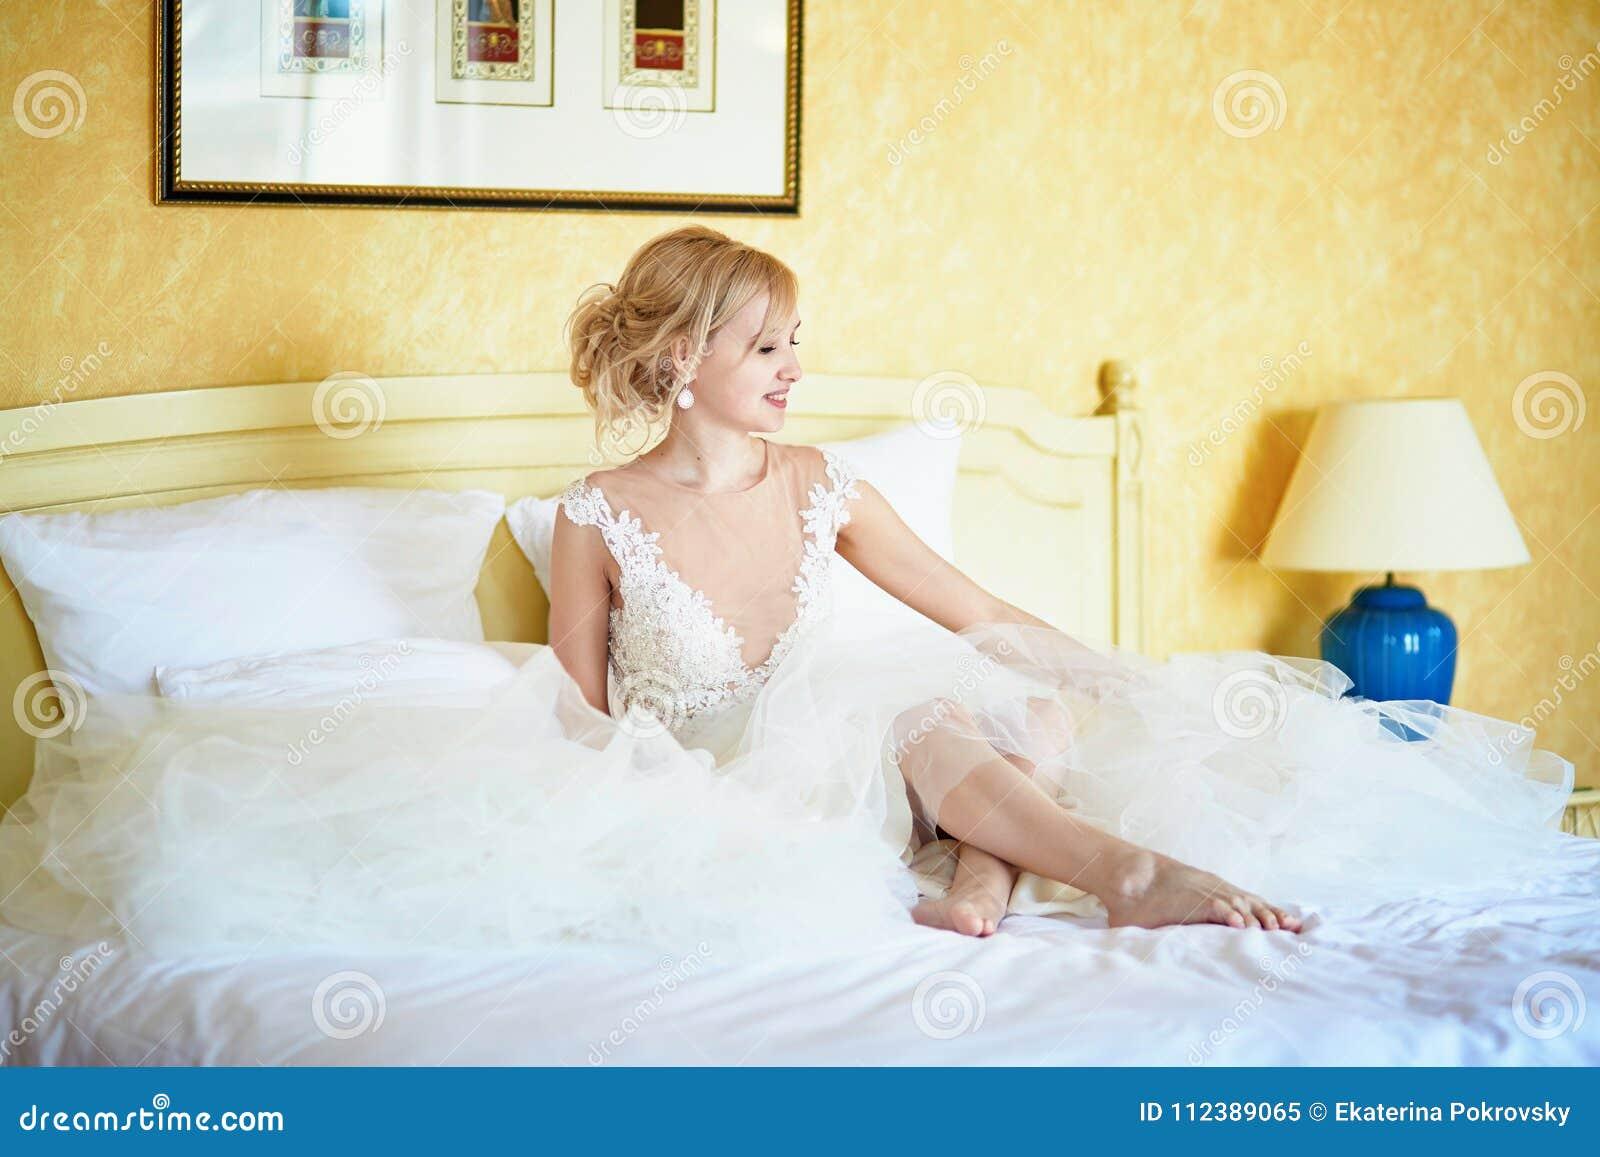 Vrolijke jonge bruid in huwelijkskleding in hotelruimte